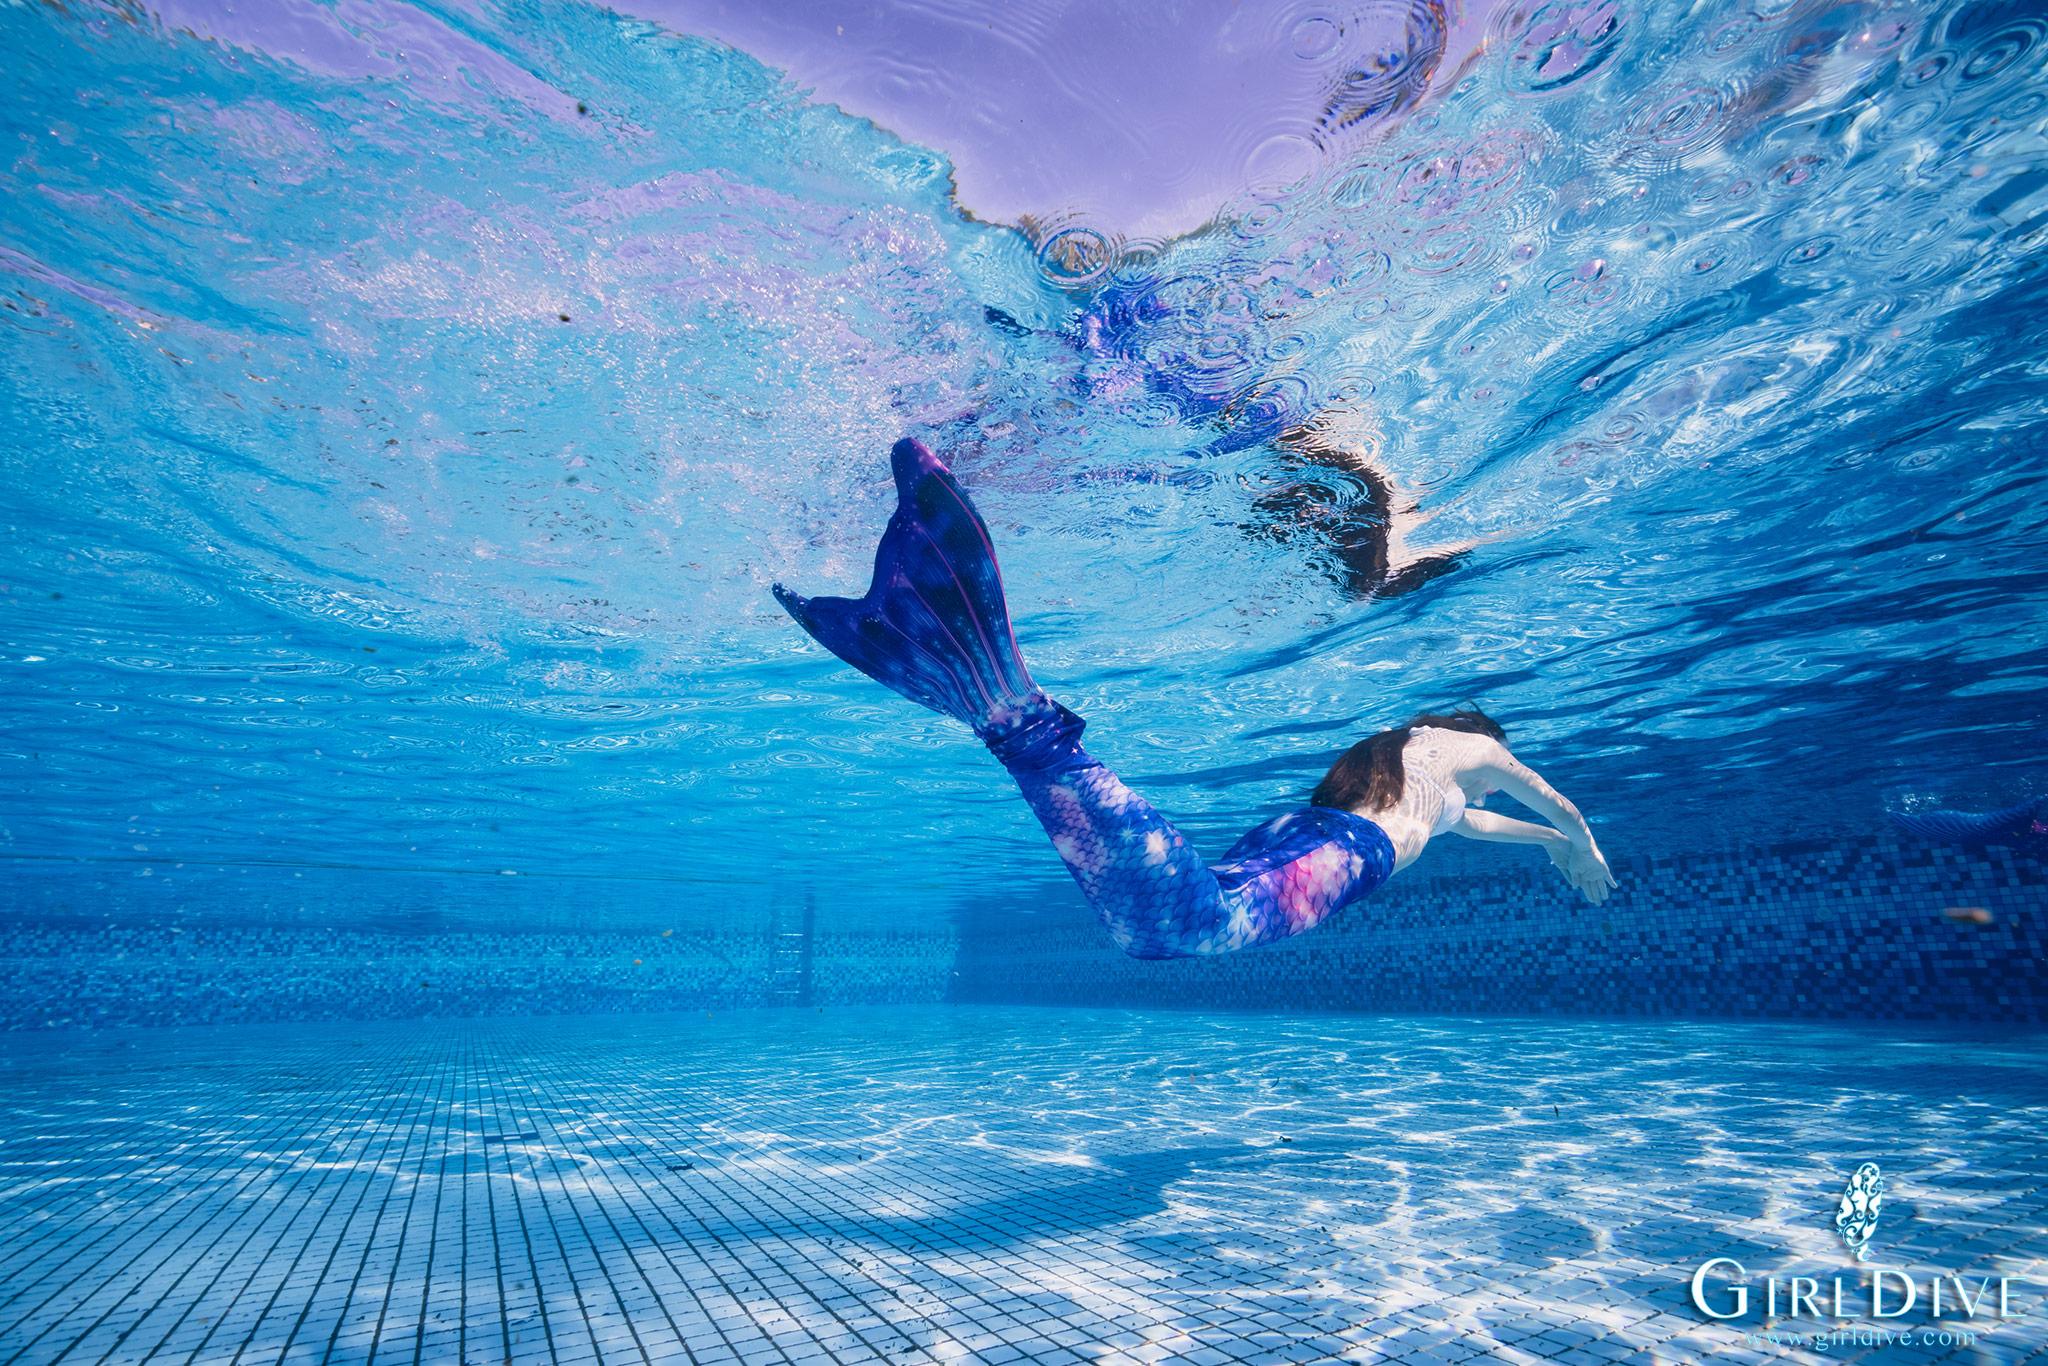 墾丁,美人魚,泳池,課程,水下攝影